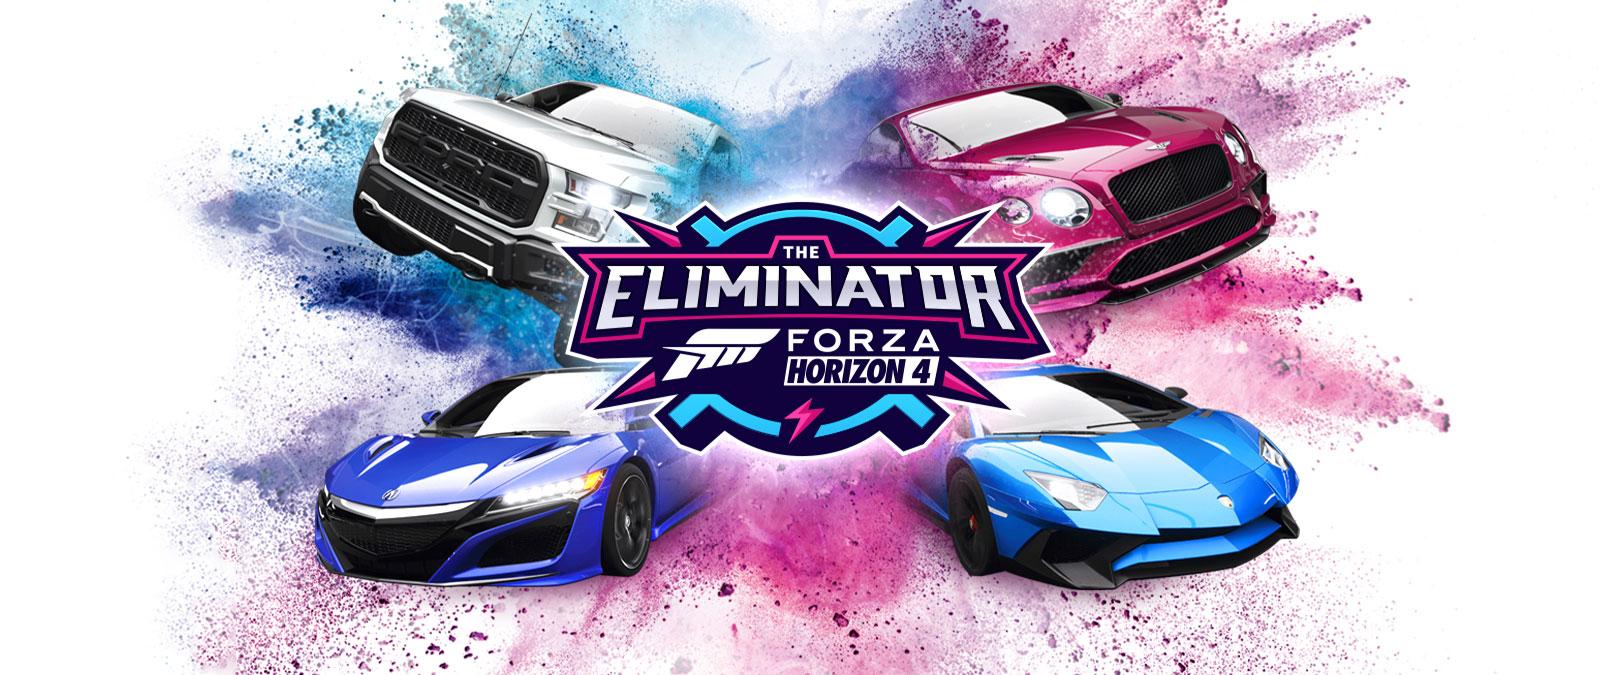 The Eliminator, o logotipo Forza Horizon 4 logo, quatro carros com pó azul e rosa em volta deles